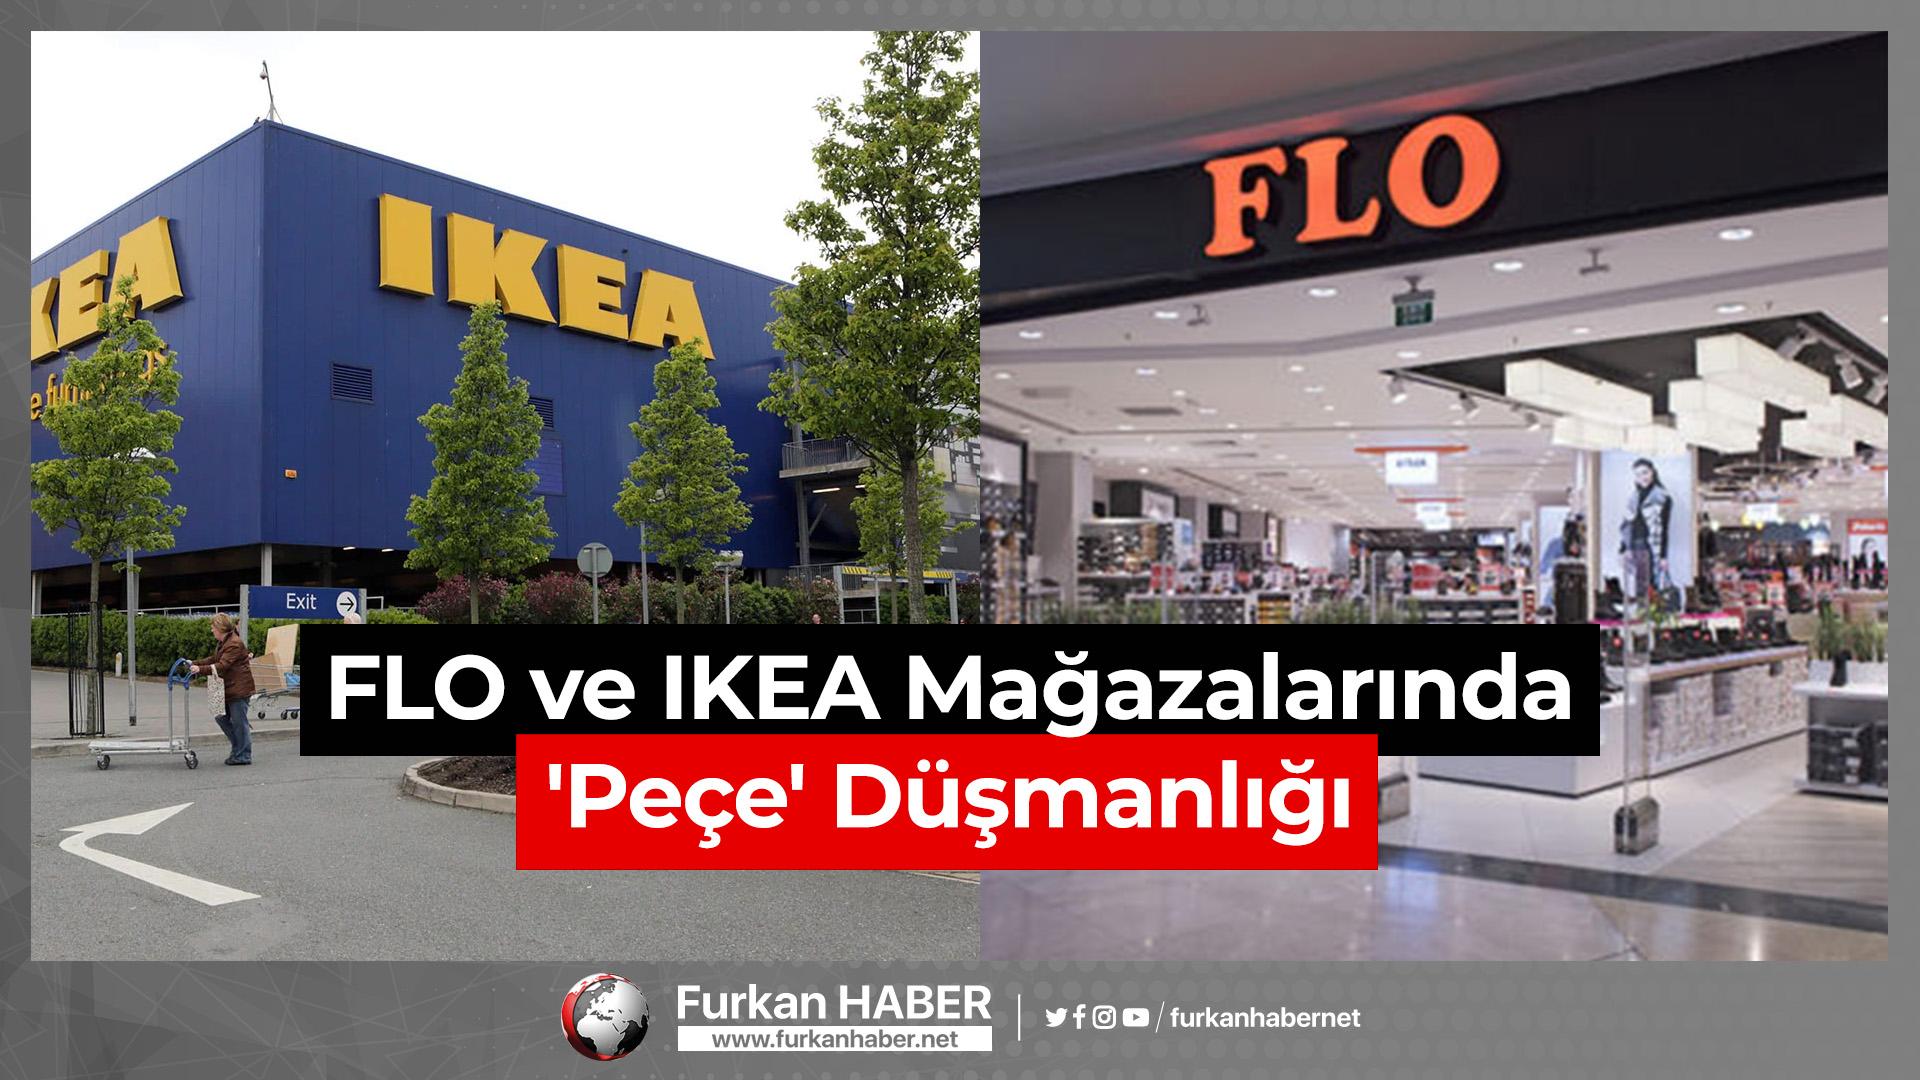 FLO ve IKEA Mağazalarında 'Peçe' Düşmanlığı